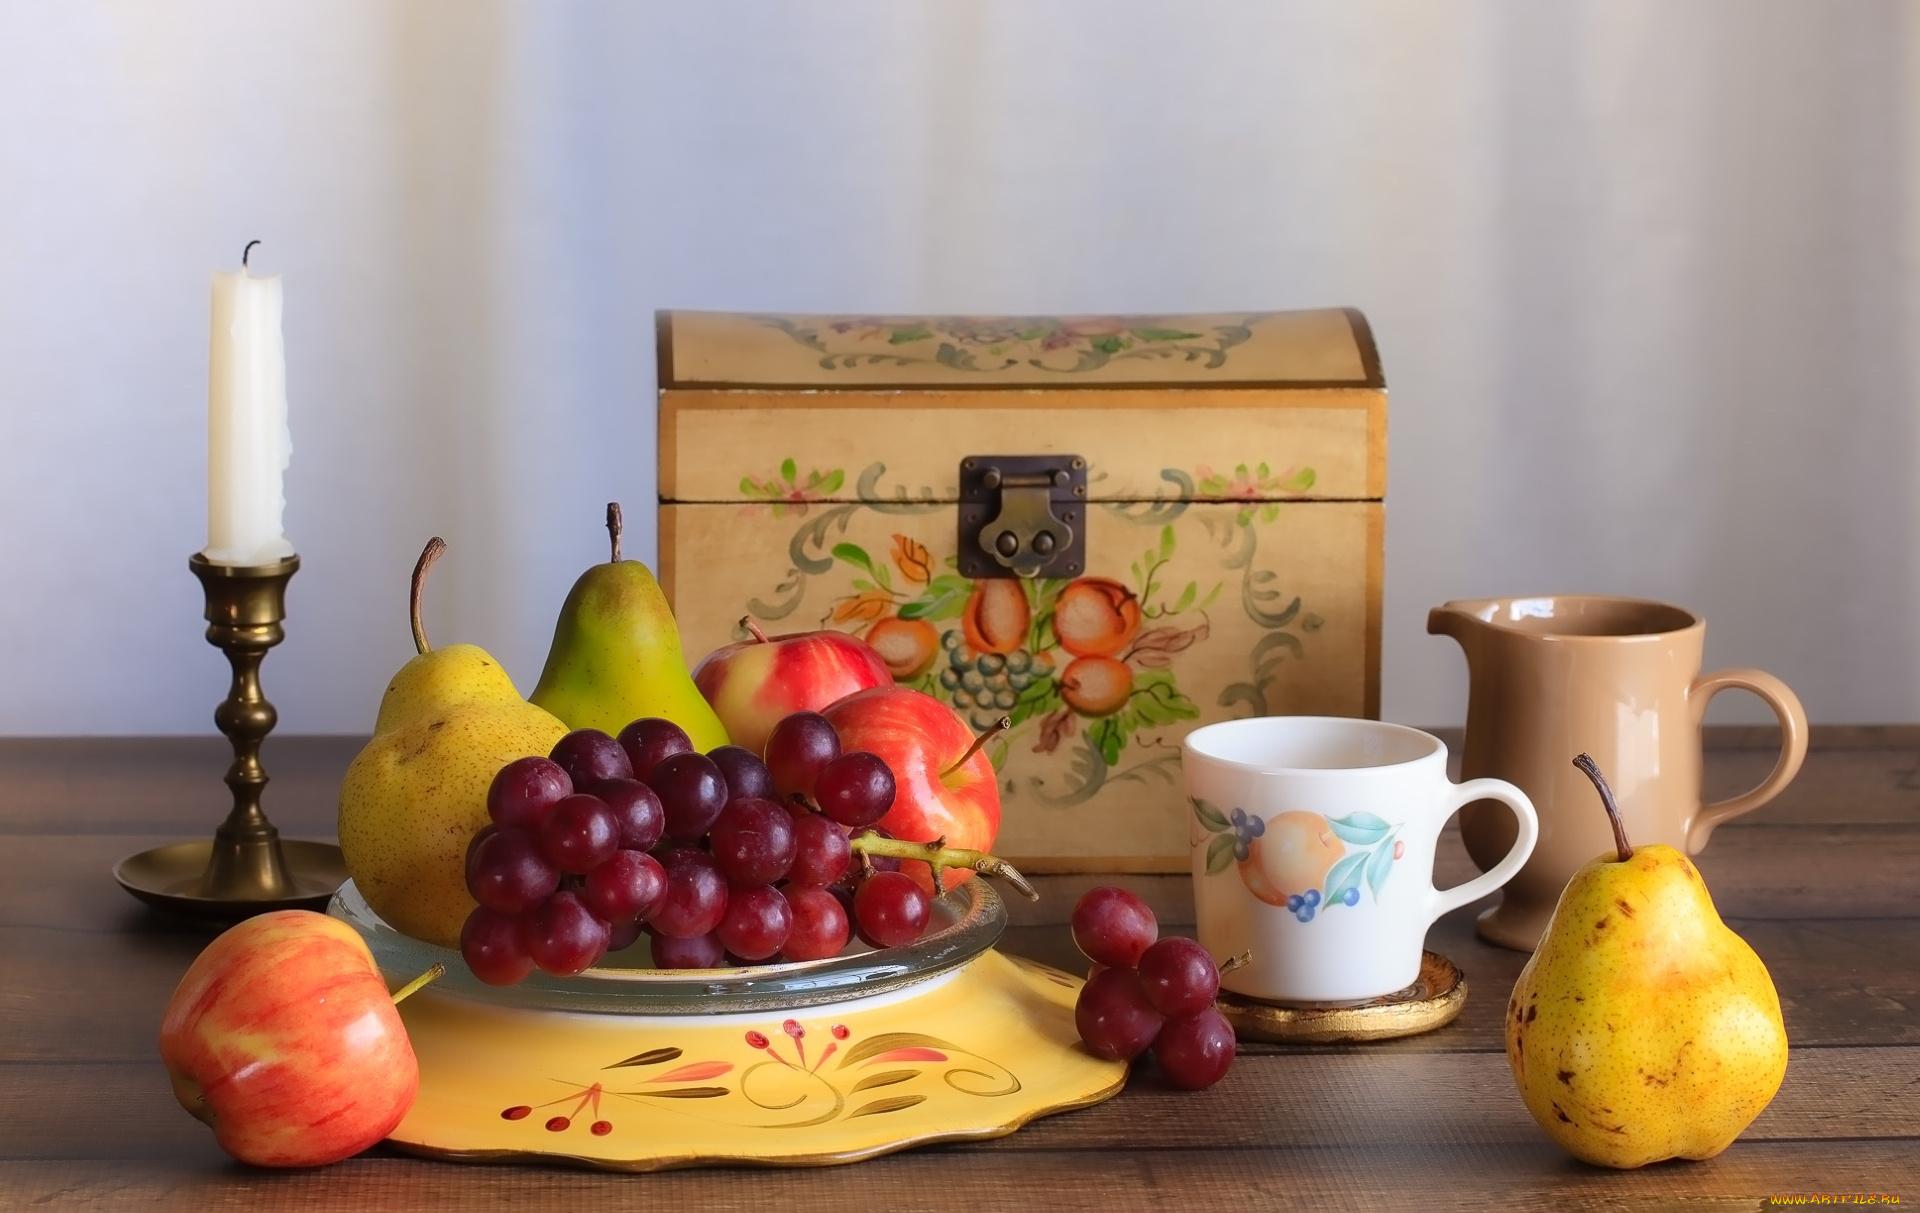 еда курица свечи виноград яблоки без смс